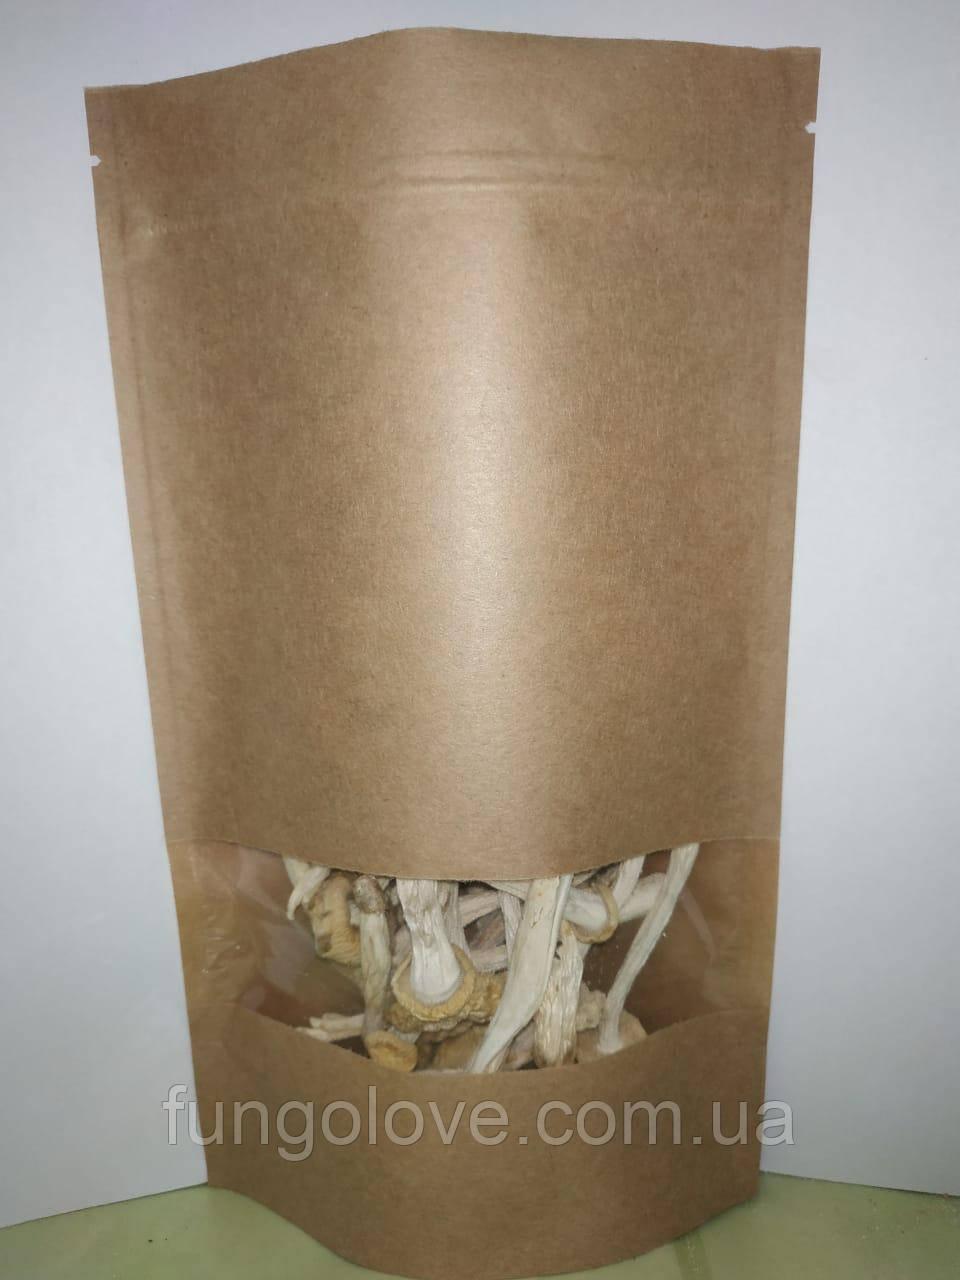 Сушёные грибы Шимеджи (Hypsizygus marmoreus)